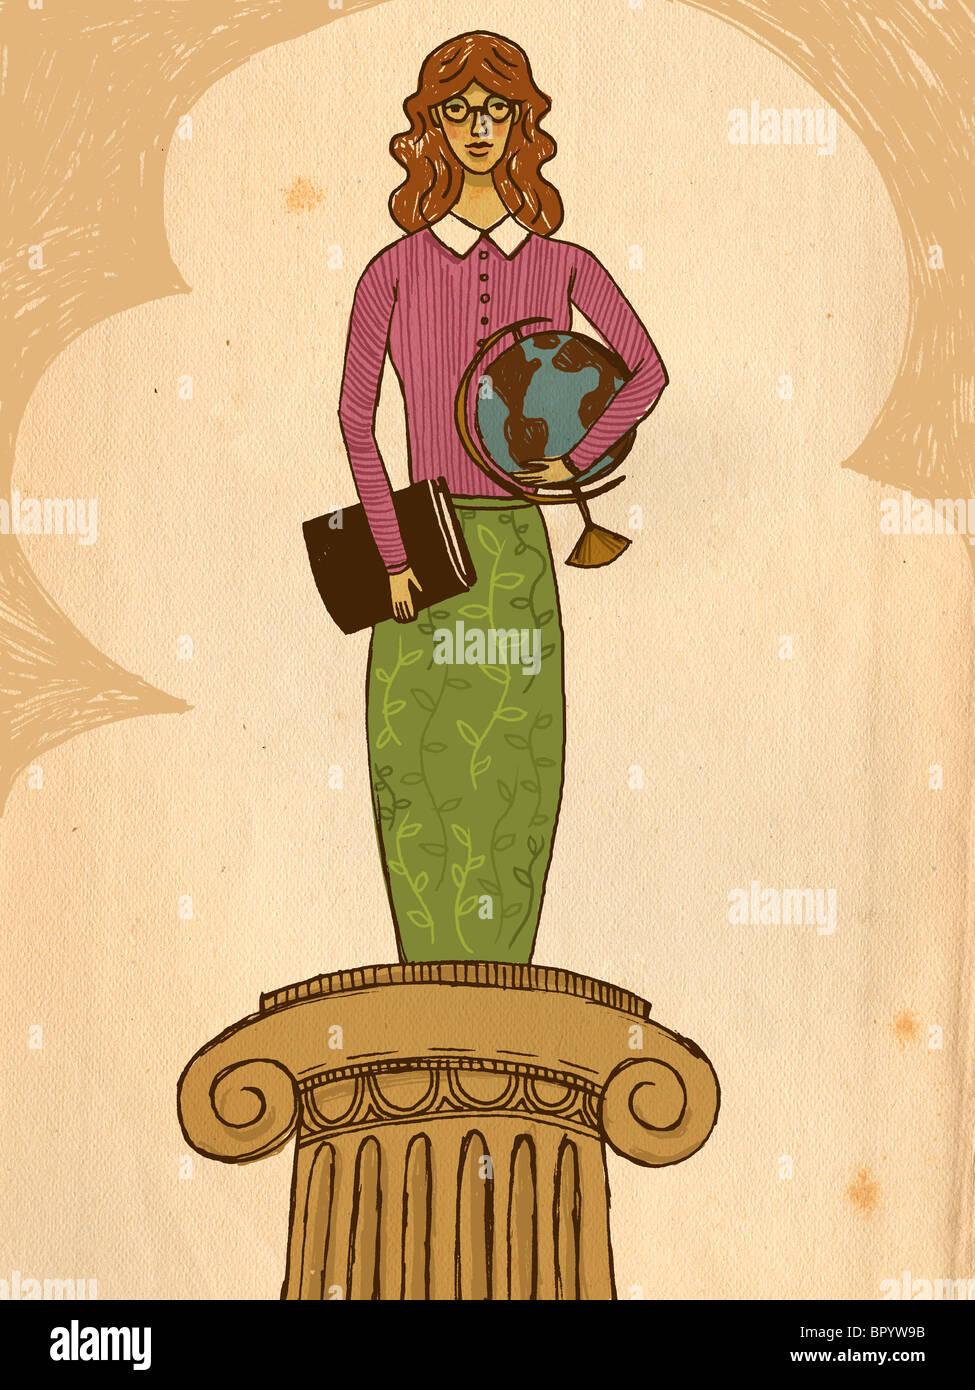 https://c8.alamy.com/comp/BPYW9B/a-teacher-with-a-book-and-a-globe-standing-on-a-pedestal-BPYW9B.jpg